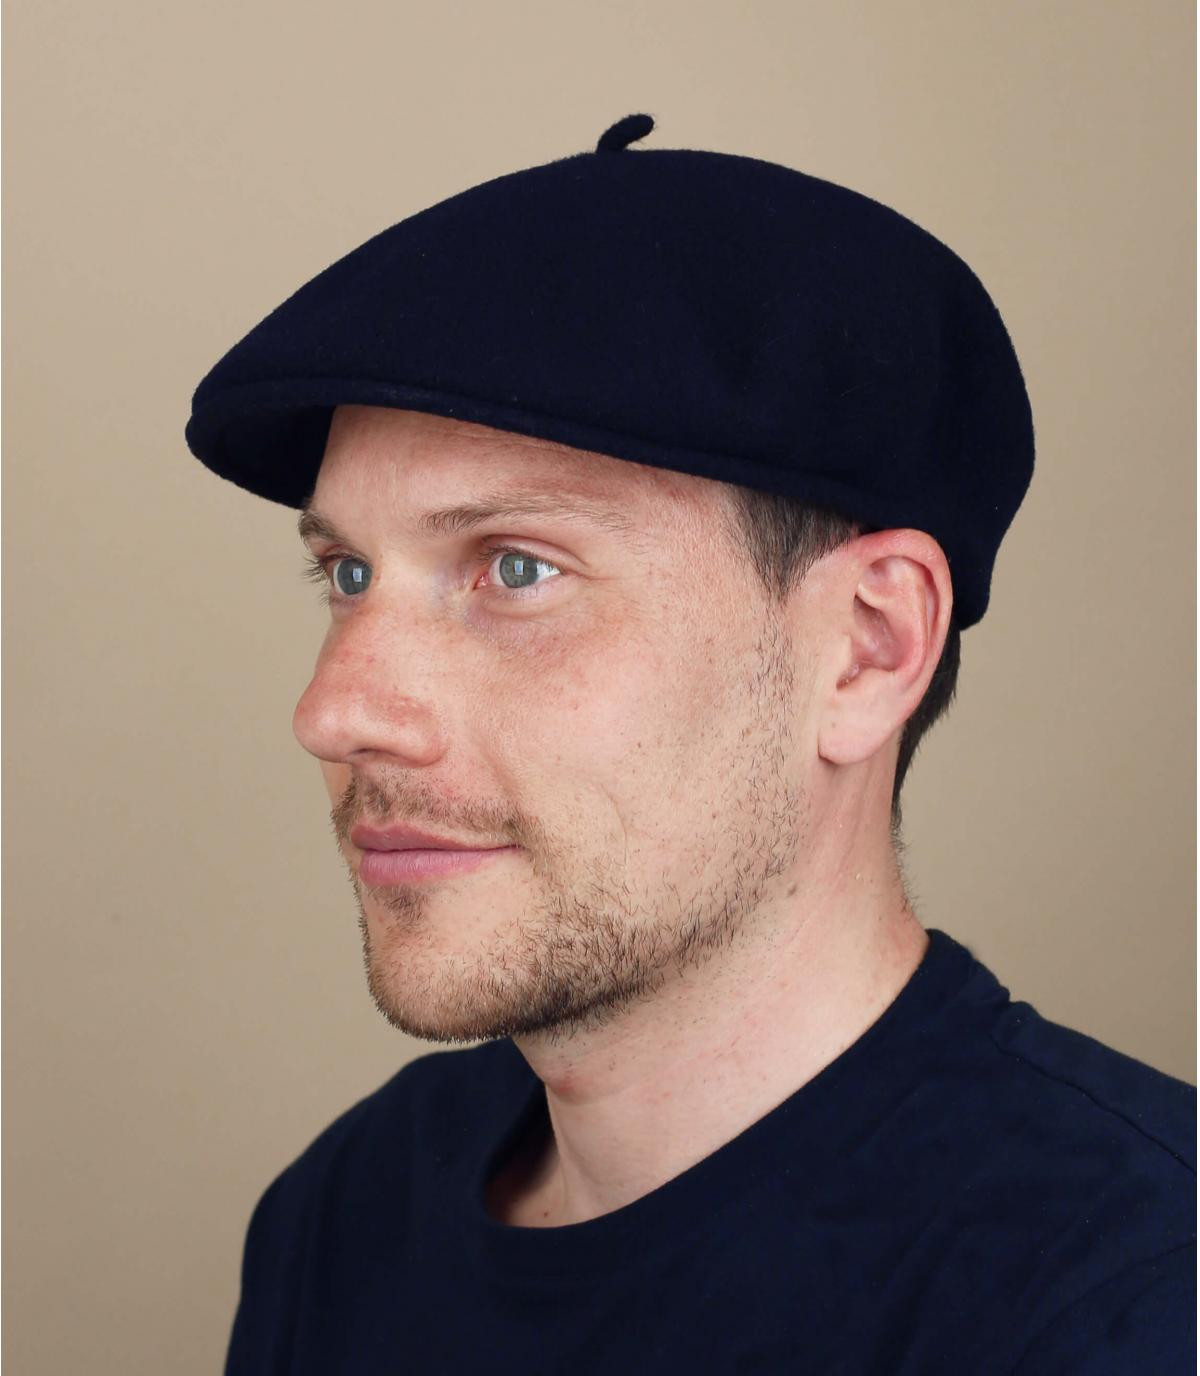 Laulhère blauwe merino baret